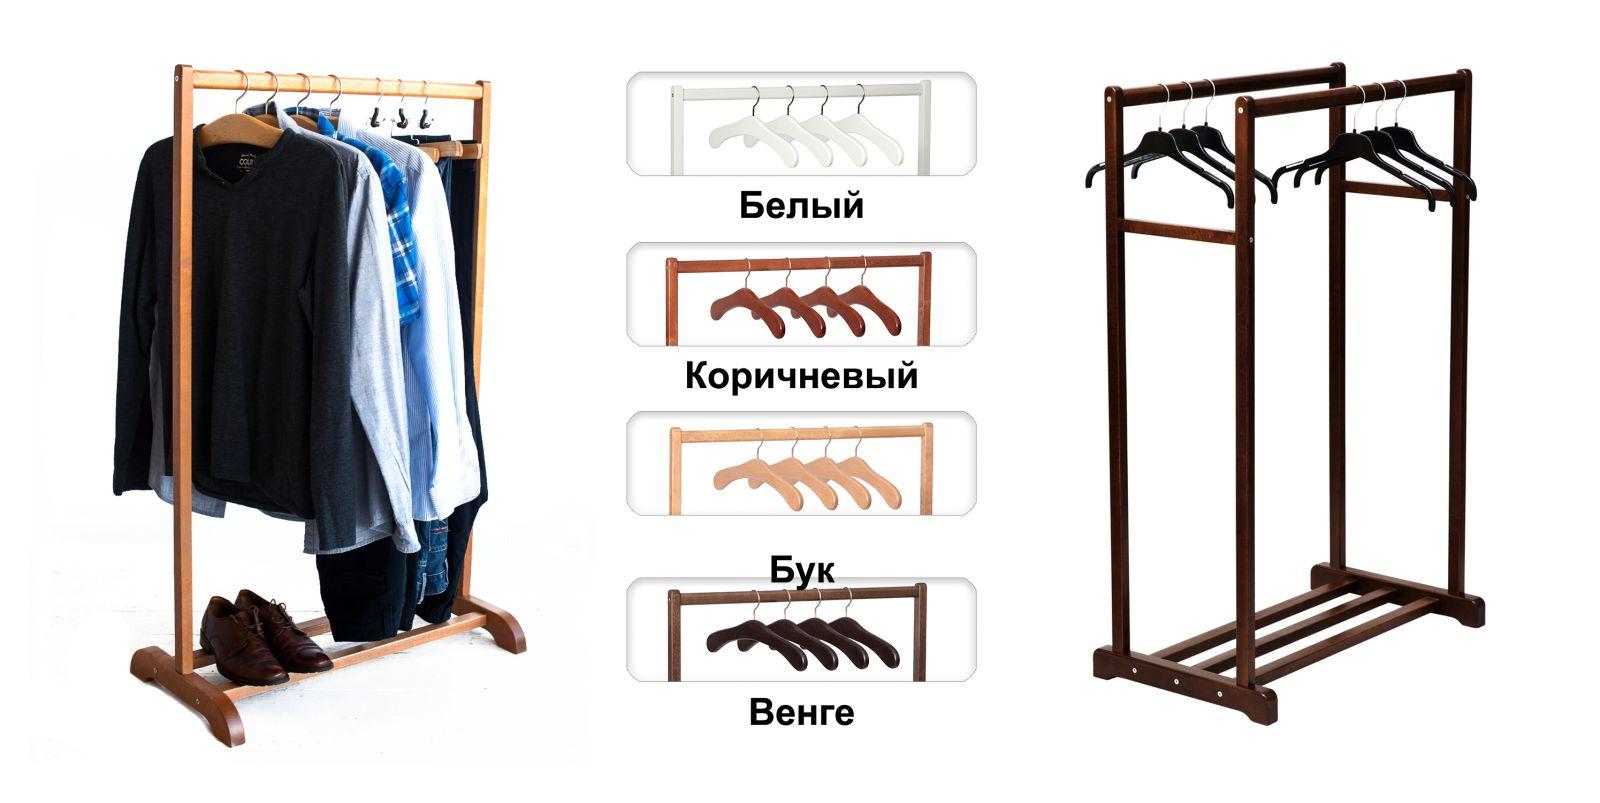 Вешалка своими руками: выбираем тип - напольная и настенная, конструируем, собираем